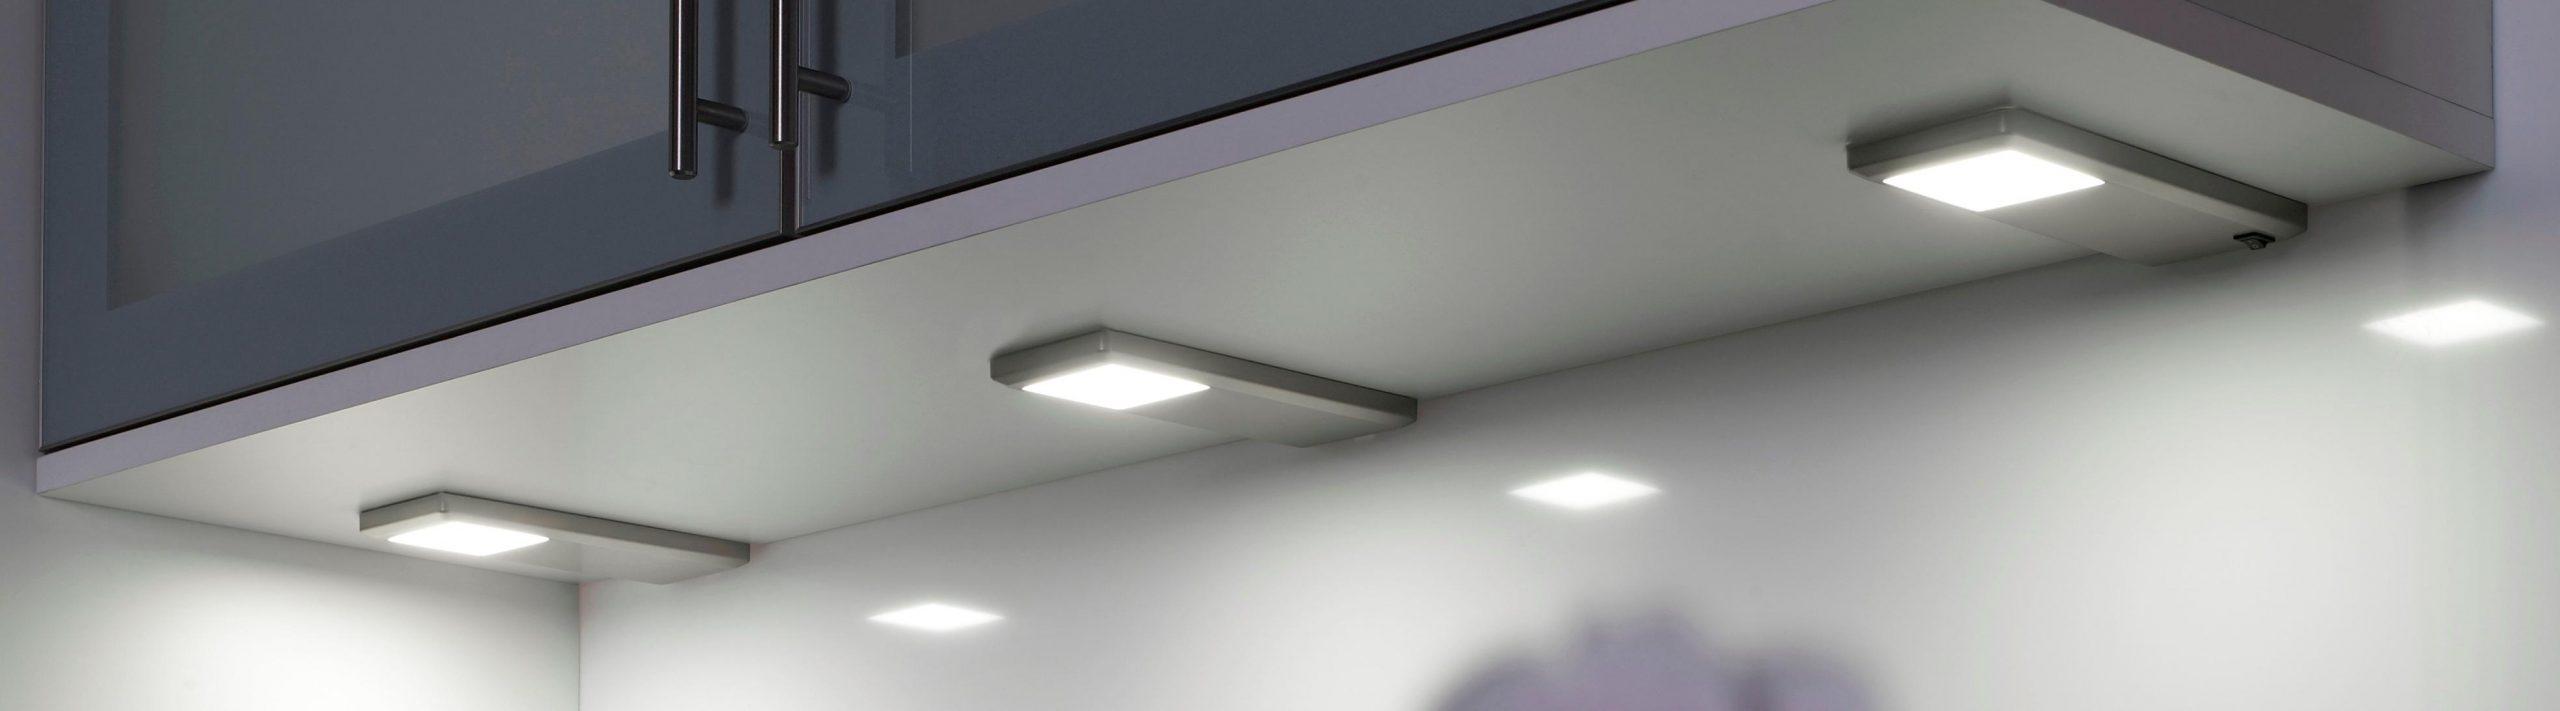 Full Size of Led Beleuchtung Küche Unterbauleuchten Vogt Online Shop Wandpaneel Glas Einbauleuchten Bad Landhausküche Gebraucht Mit Geräten Kurzzeitmesser Küche Led Beleuchtung Küche